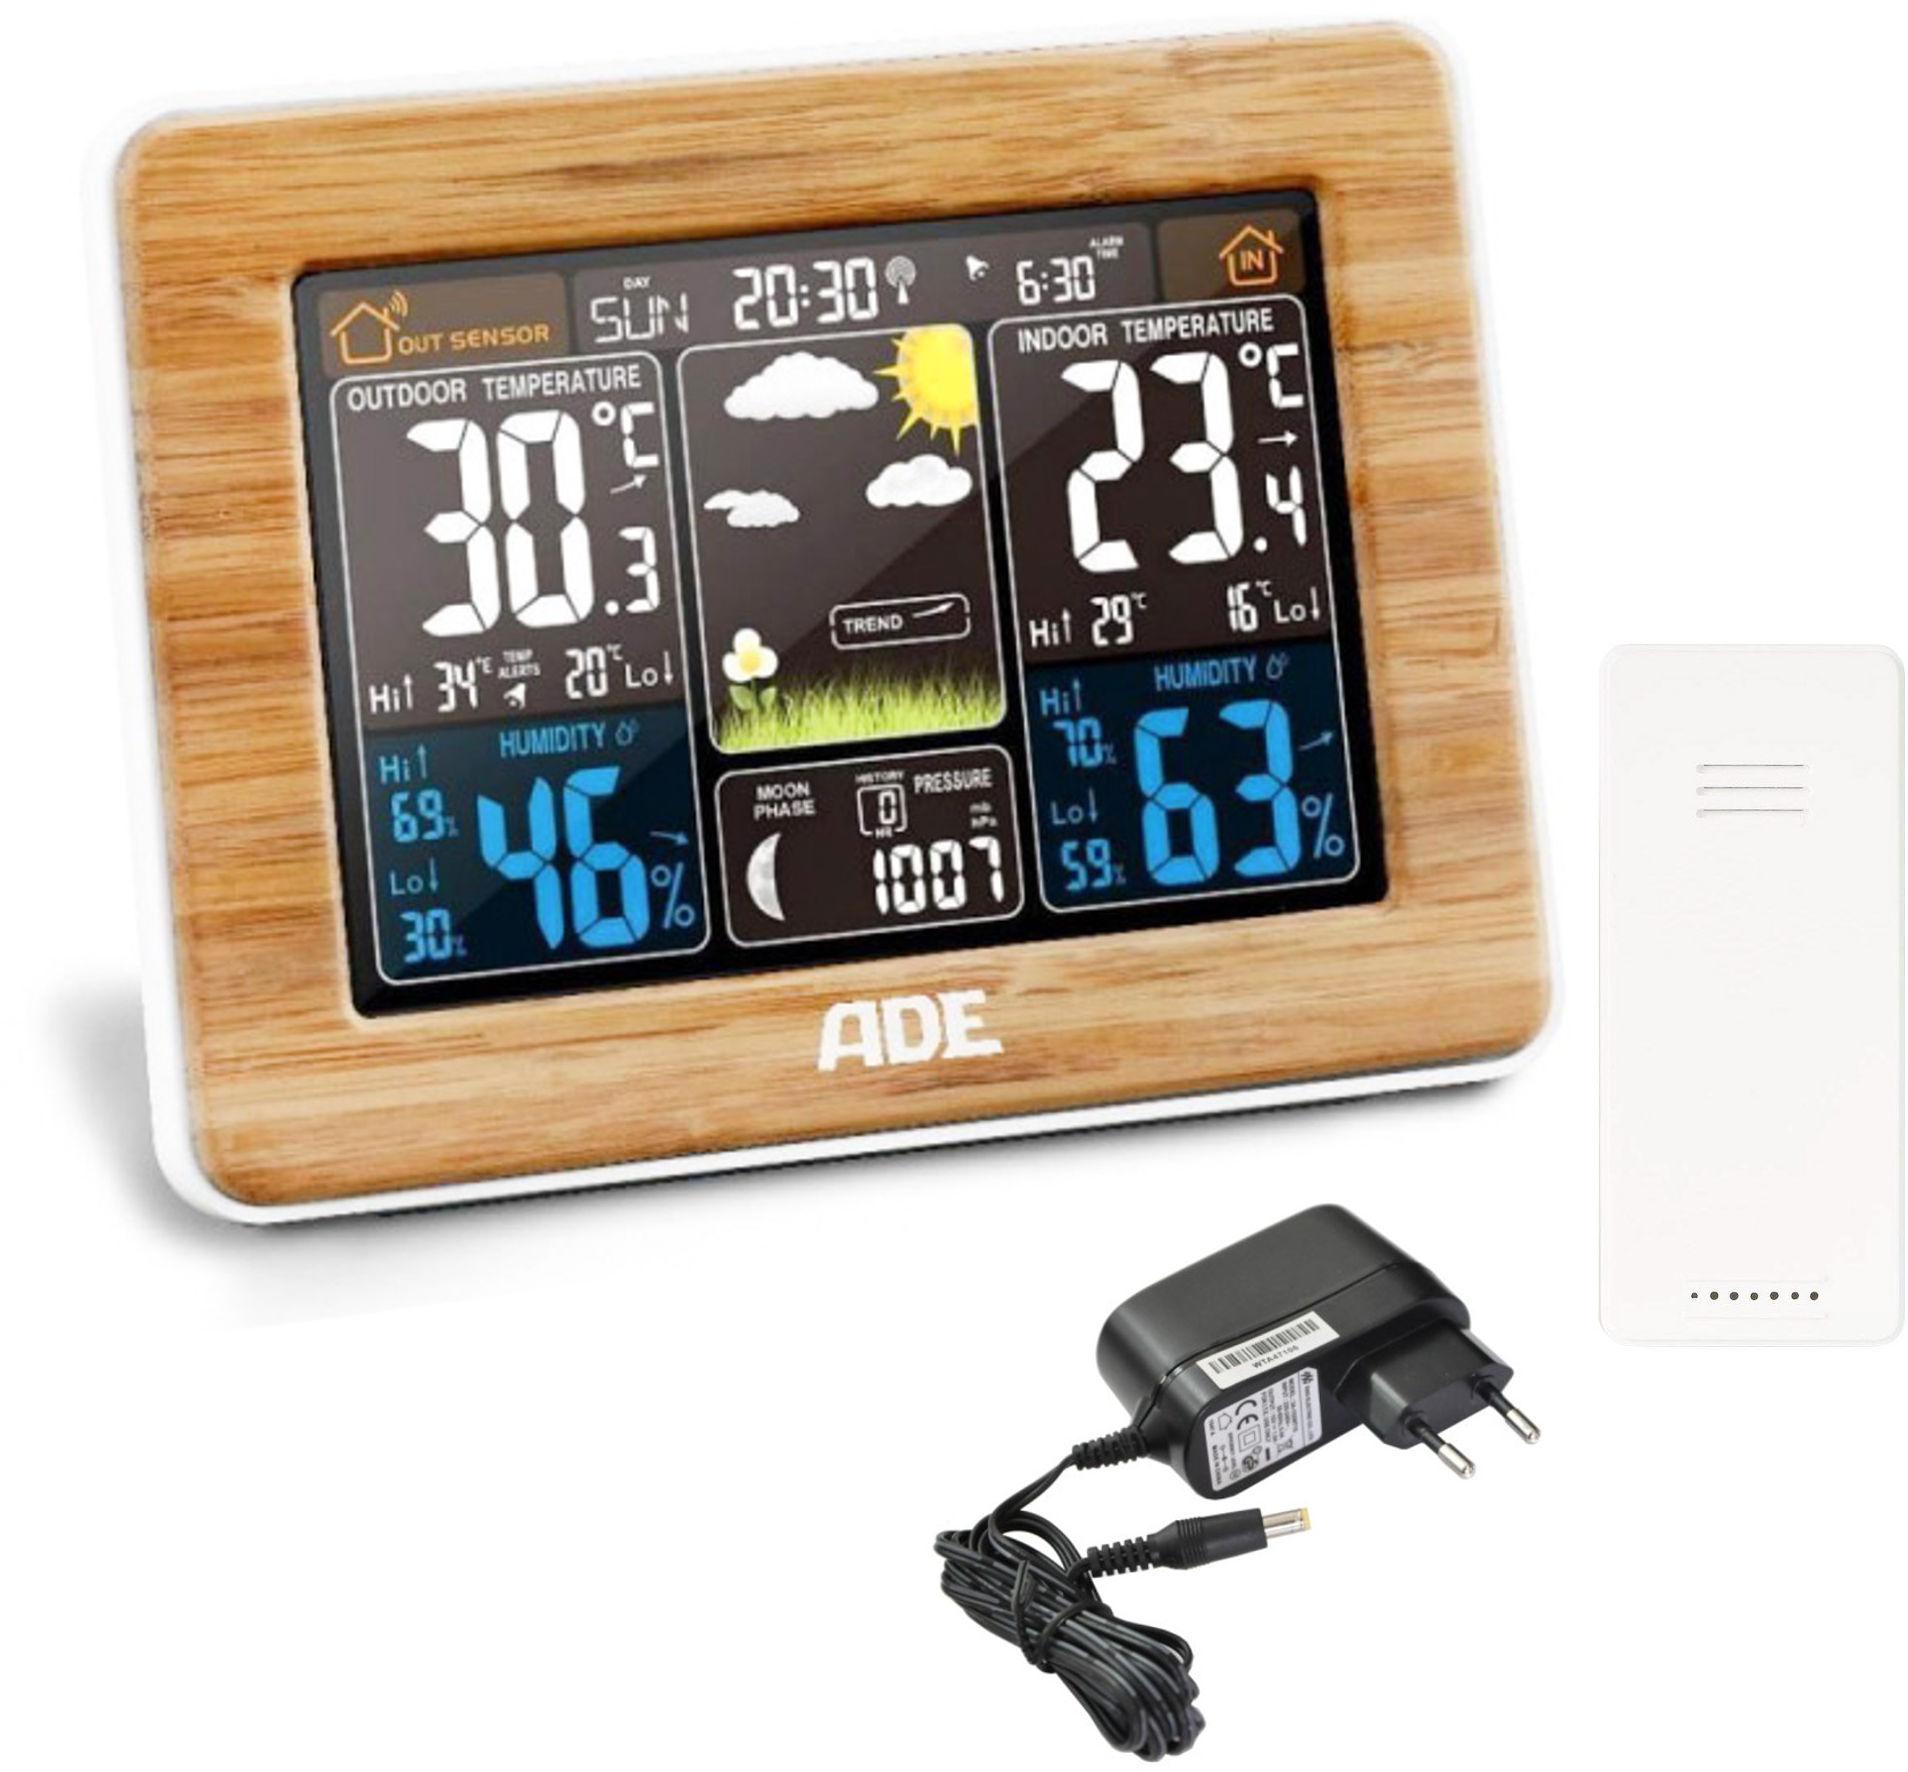 ADE WS1703 Drewniana stacja pogody z zasilaniem sieciowym